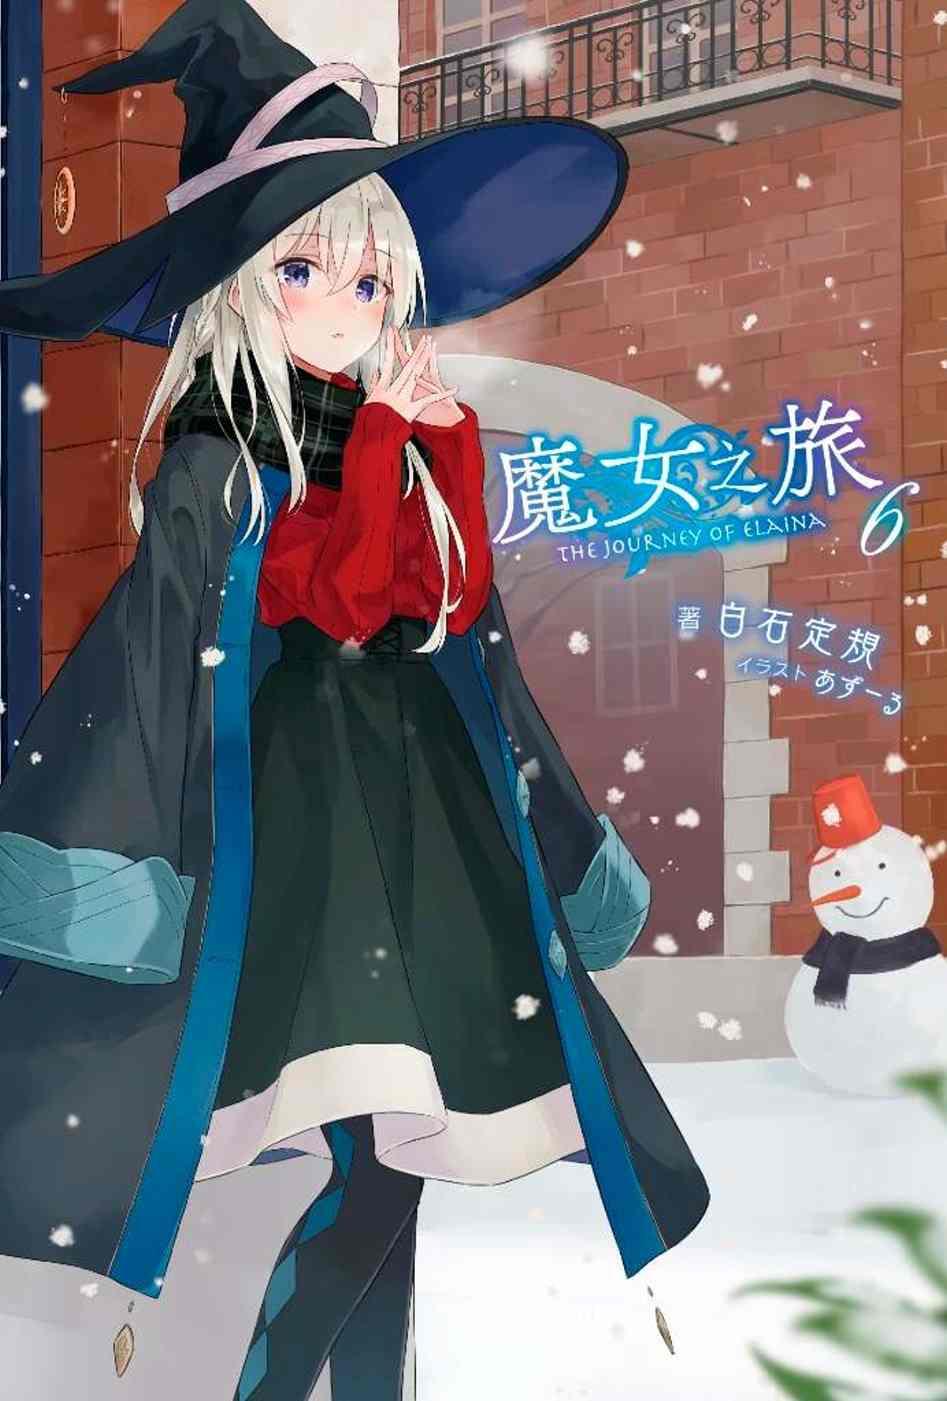 魔女之旅(06)